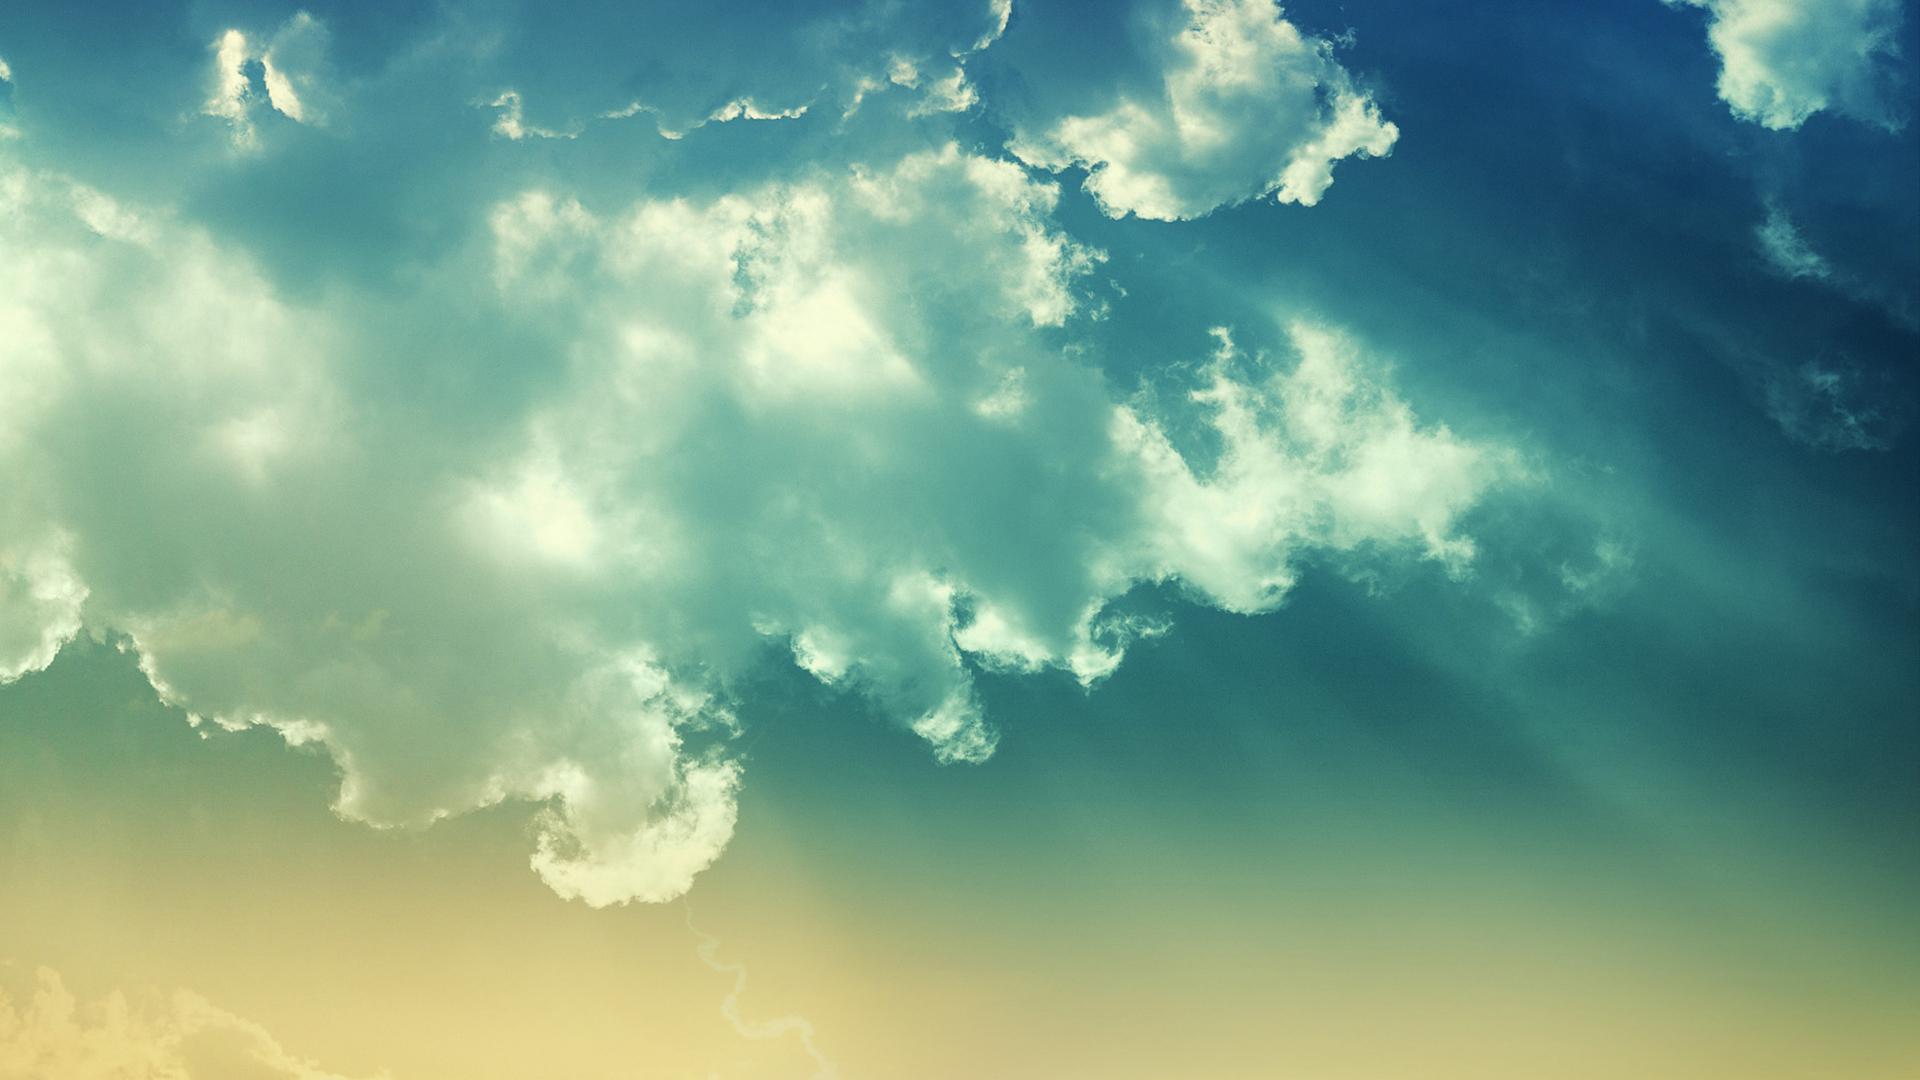 summer sky wallpaperjpg 1920x1080